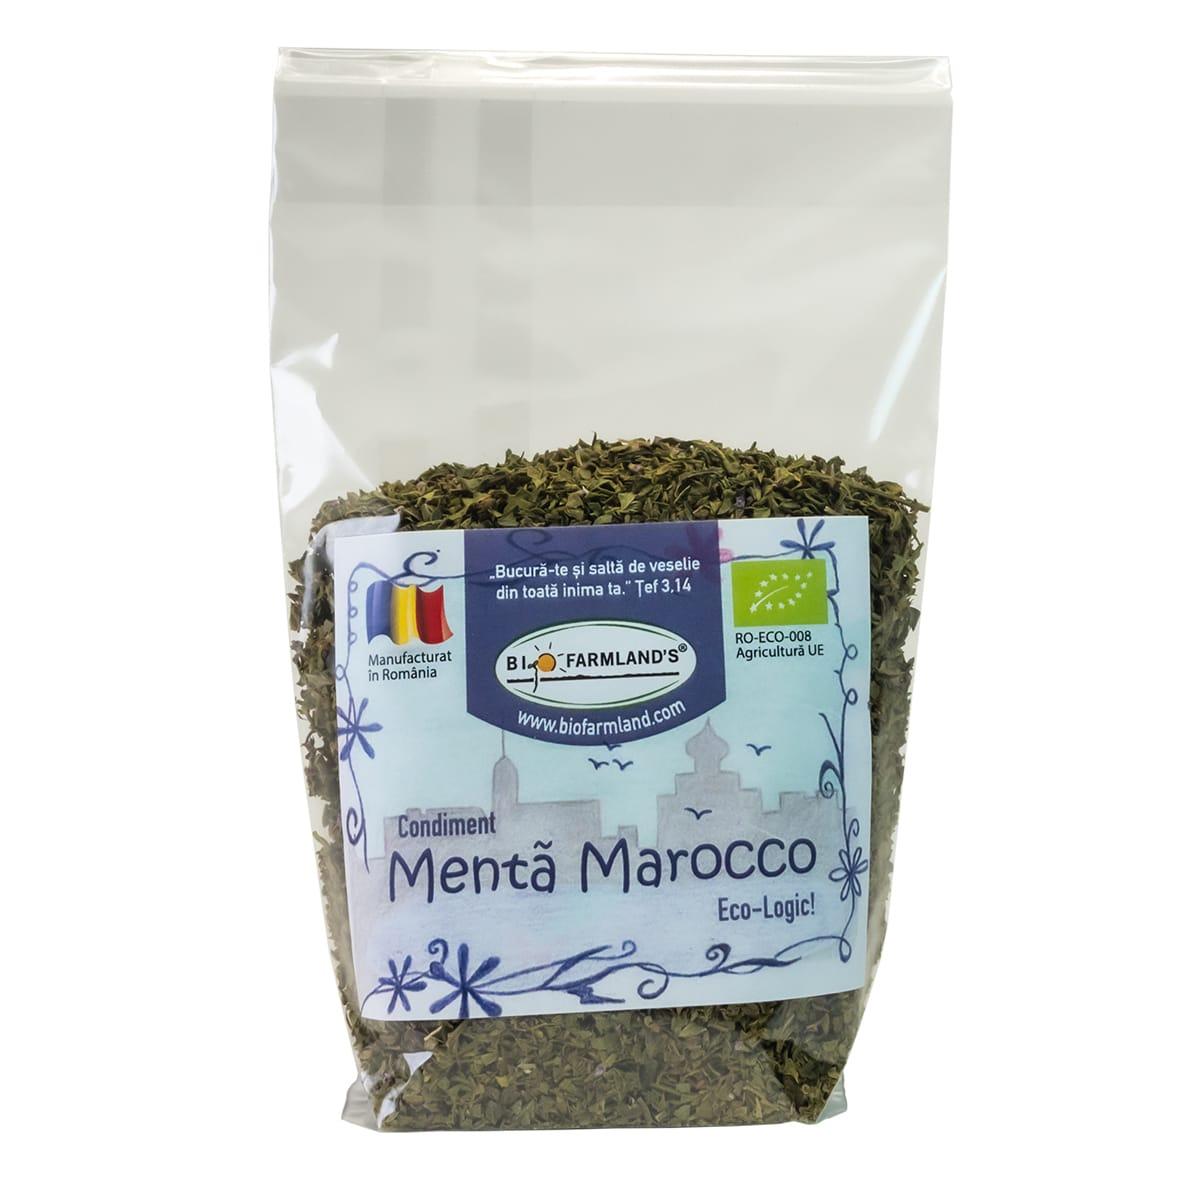 Condiment Menta Marocco